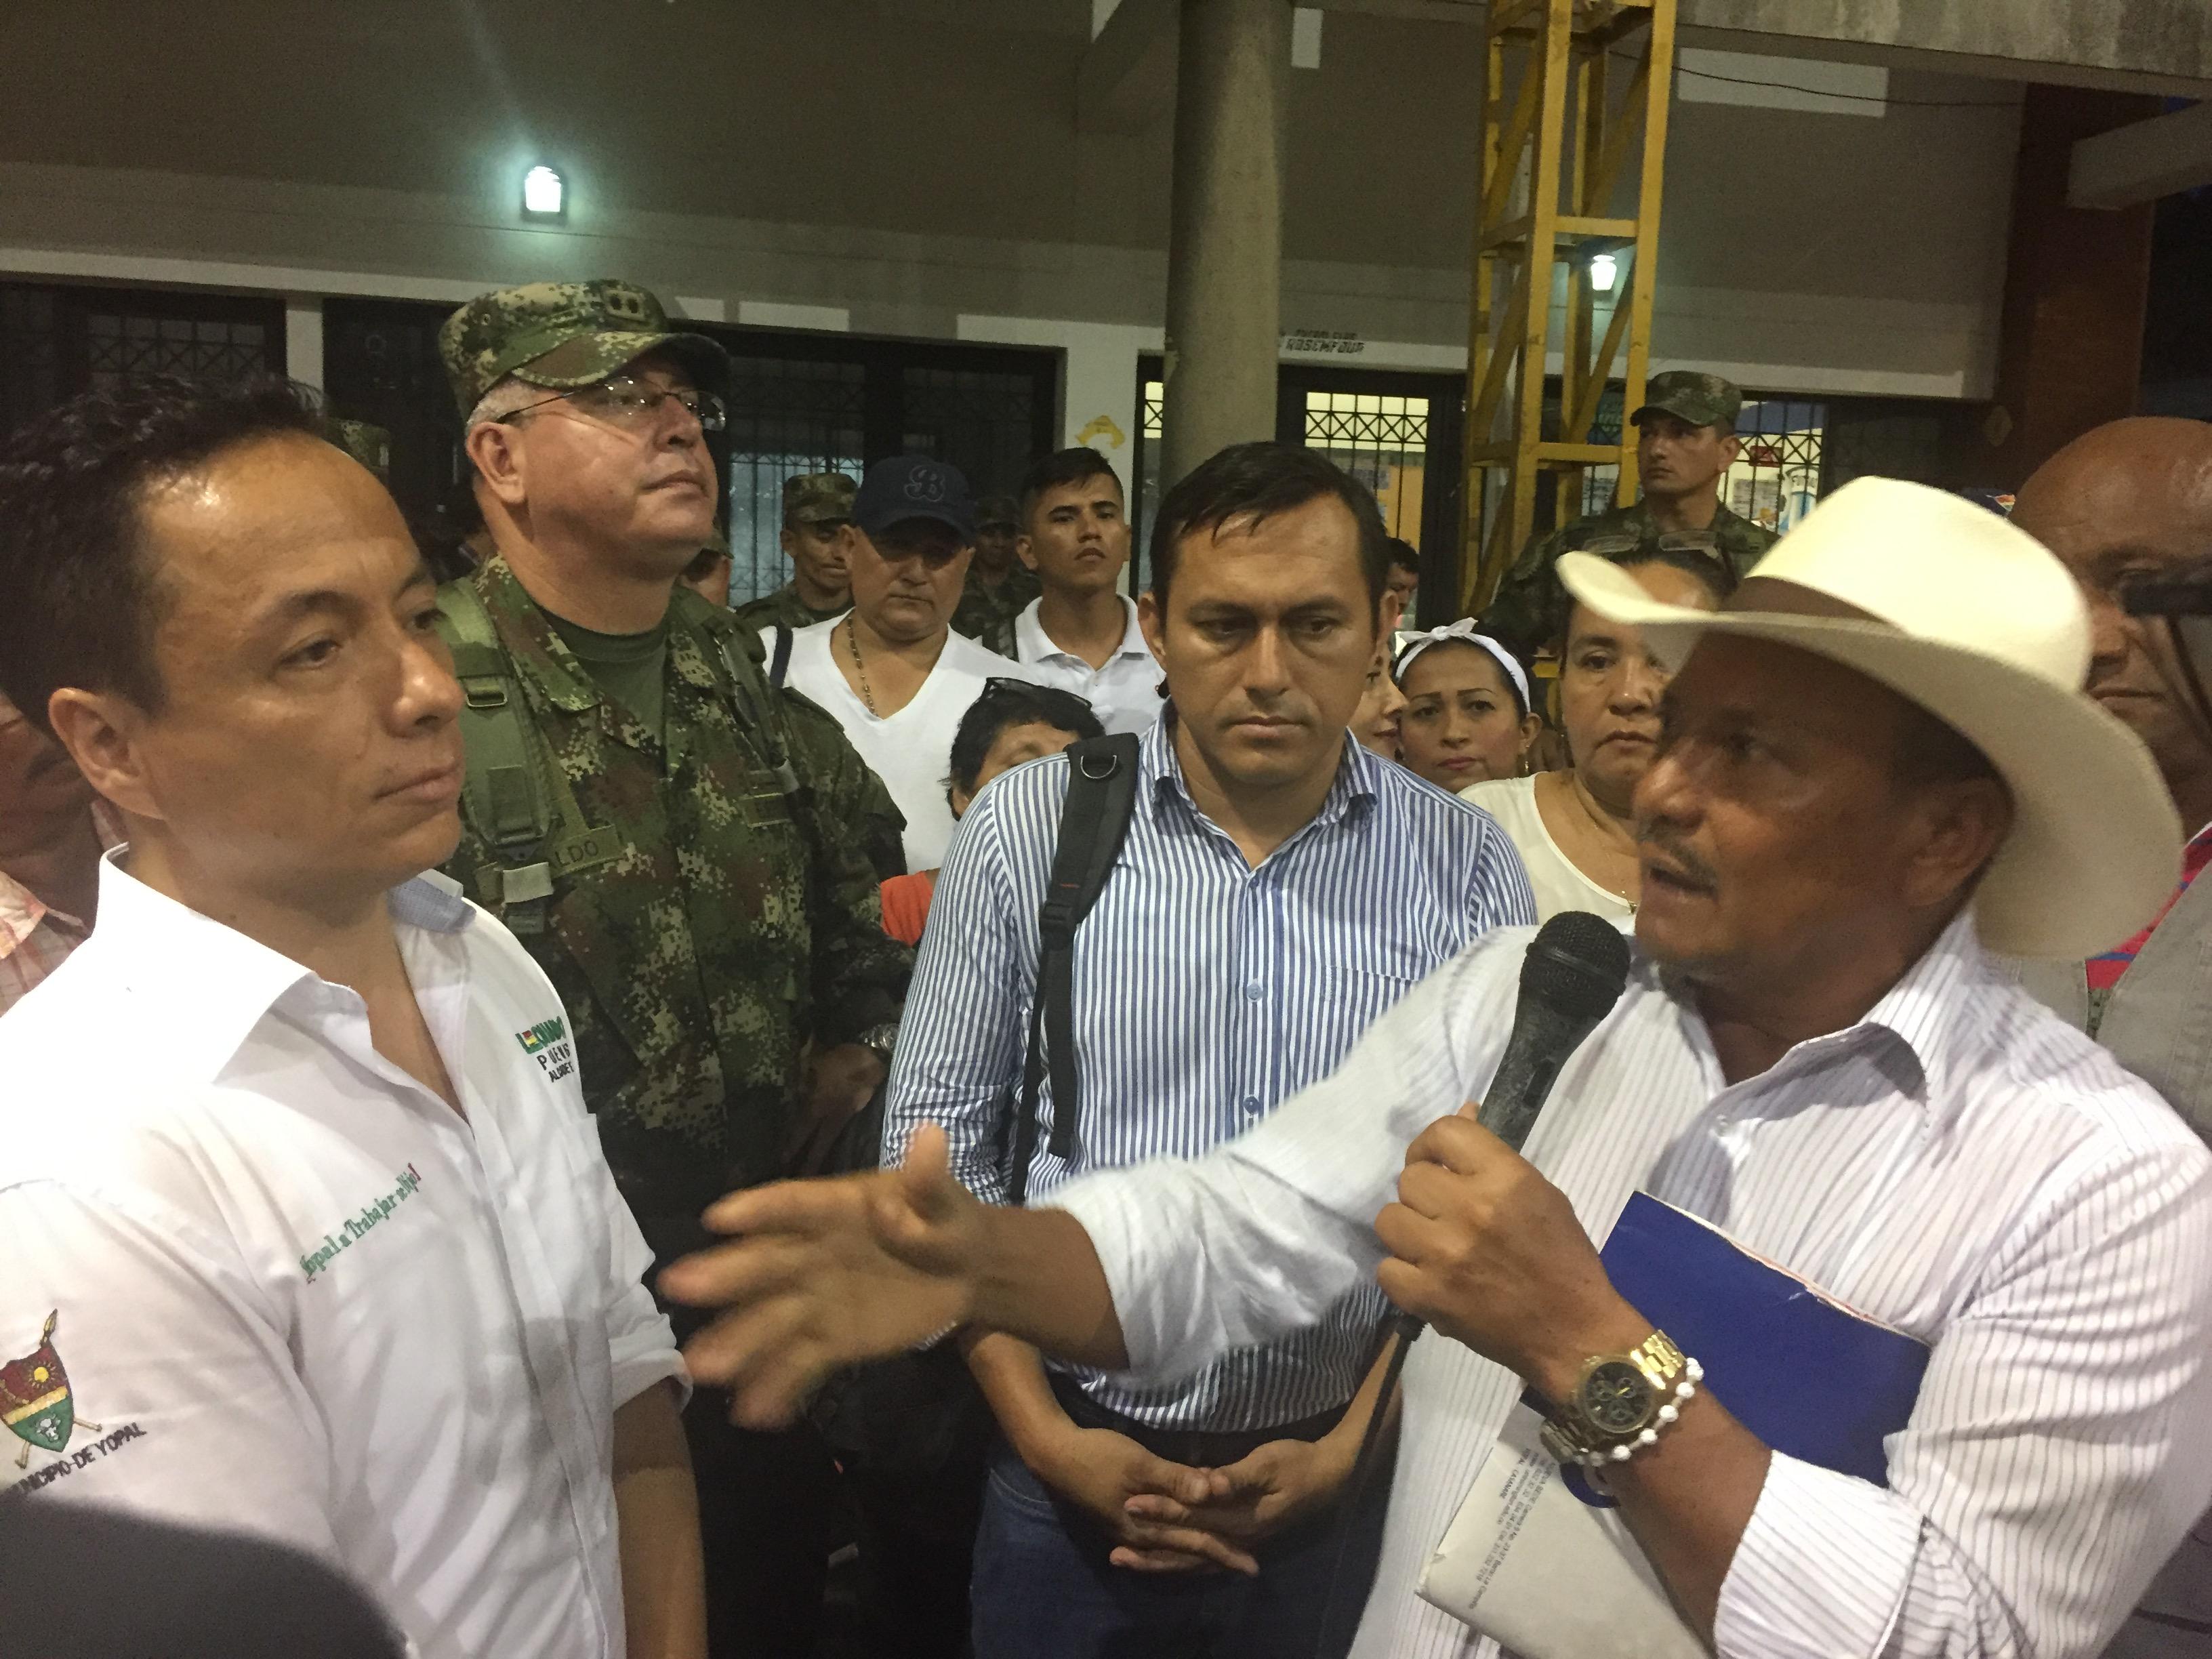 Ejercito presentó proyecto de centro cultural  en antiguo centro de salud de la Campiña: Comunidad está indecisa.